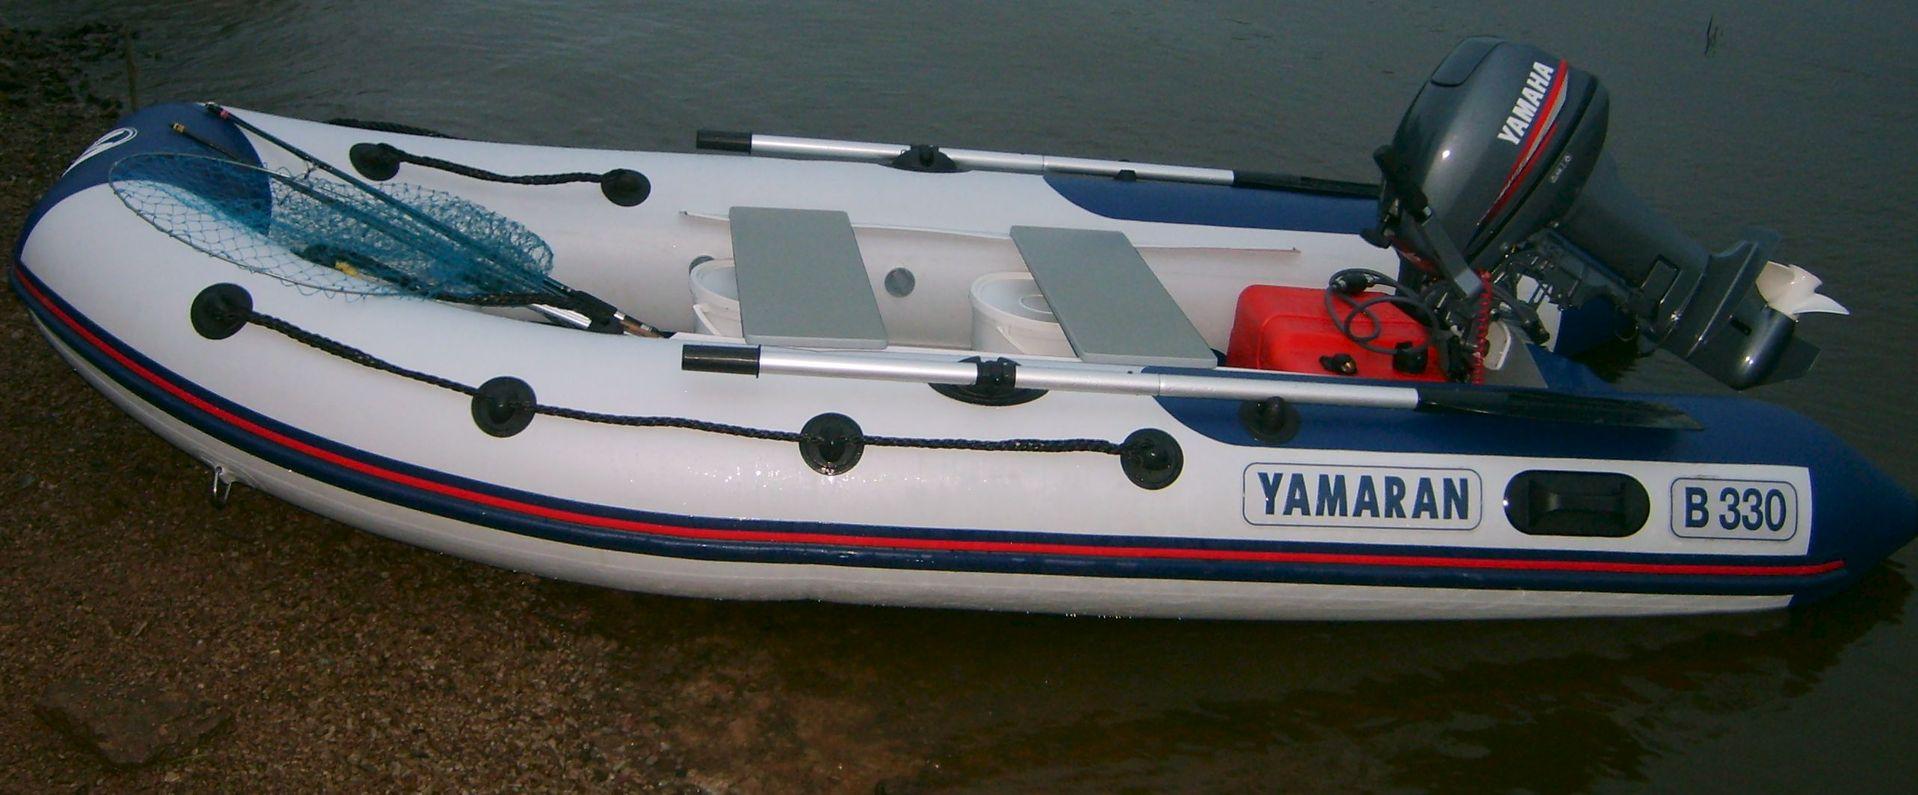 тюнинг на лодку пвх ямаран